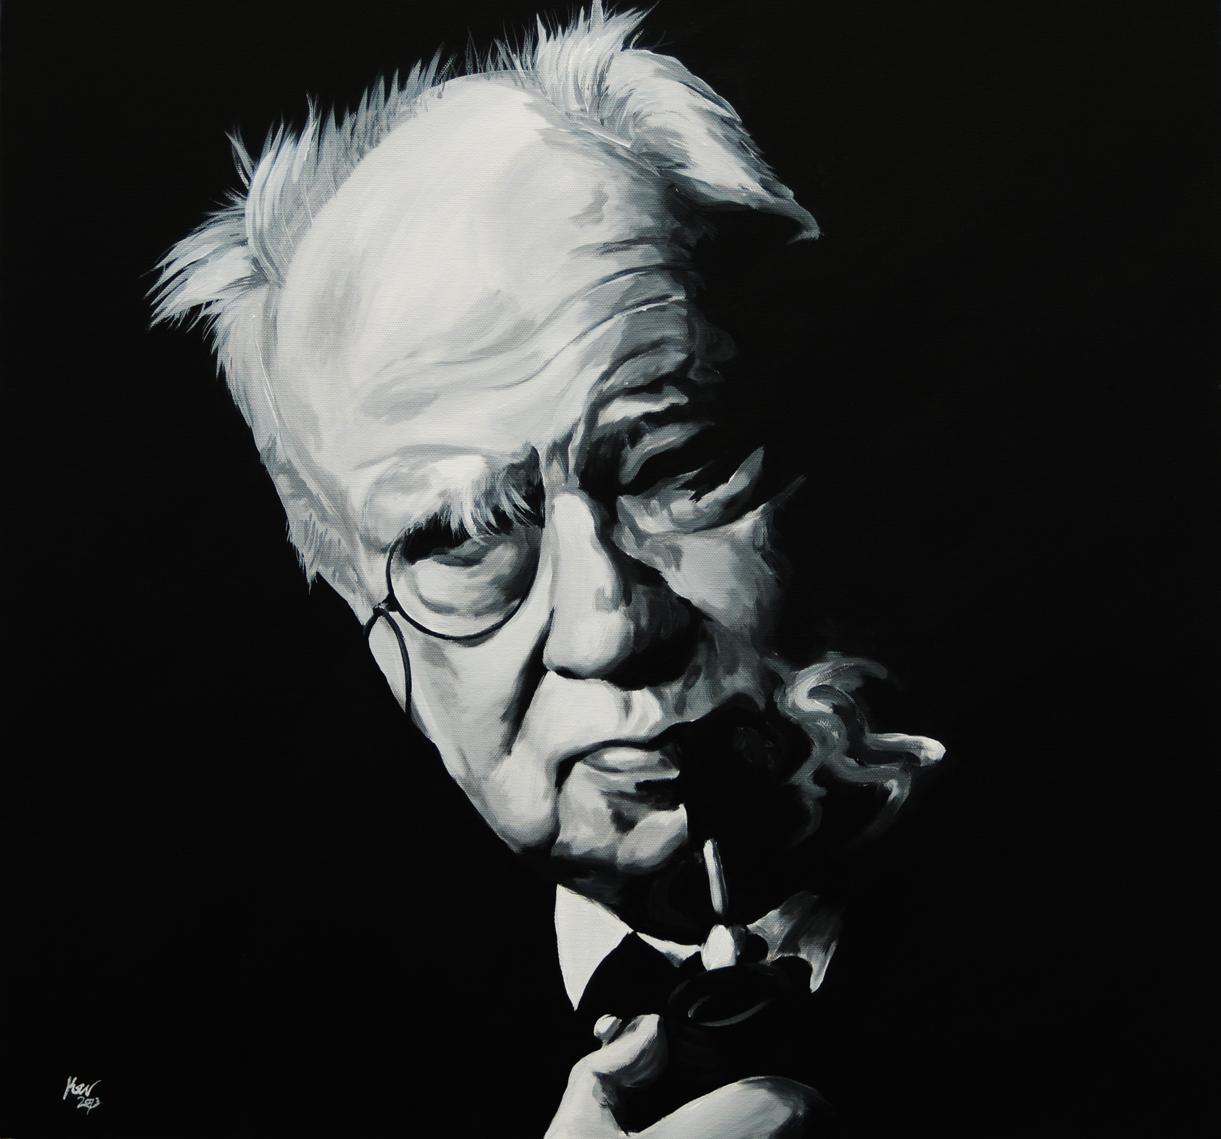 Patrick Moore Portrait by Kevin McHugh Art